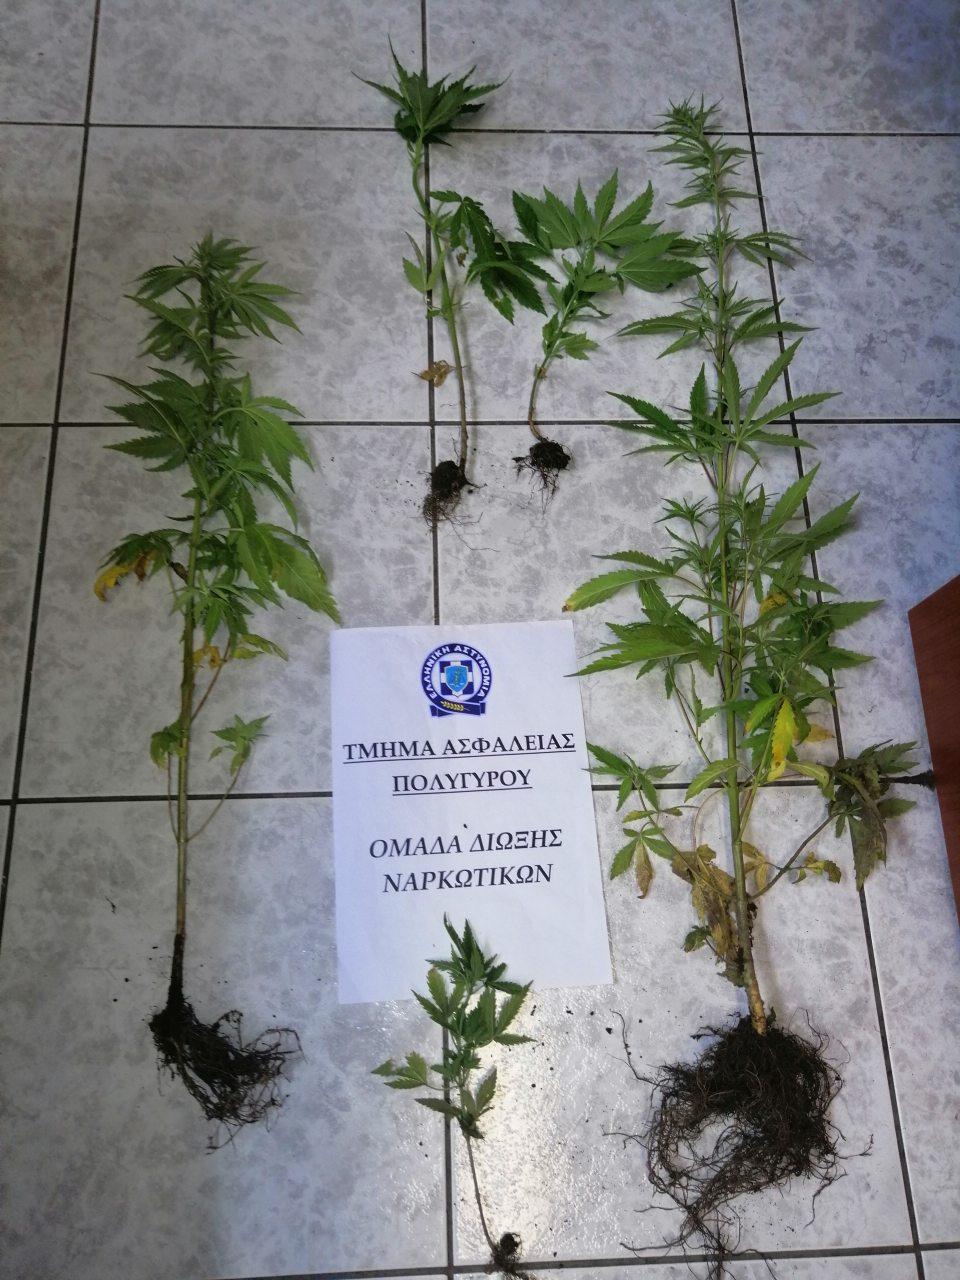 Καλλιεργούσε κάνναβη δίπλα από το σπίτι του στη Χαλκιδική